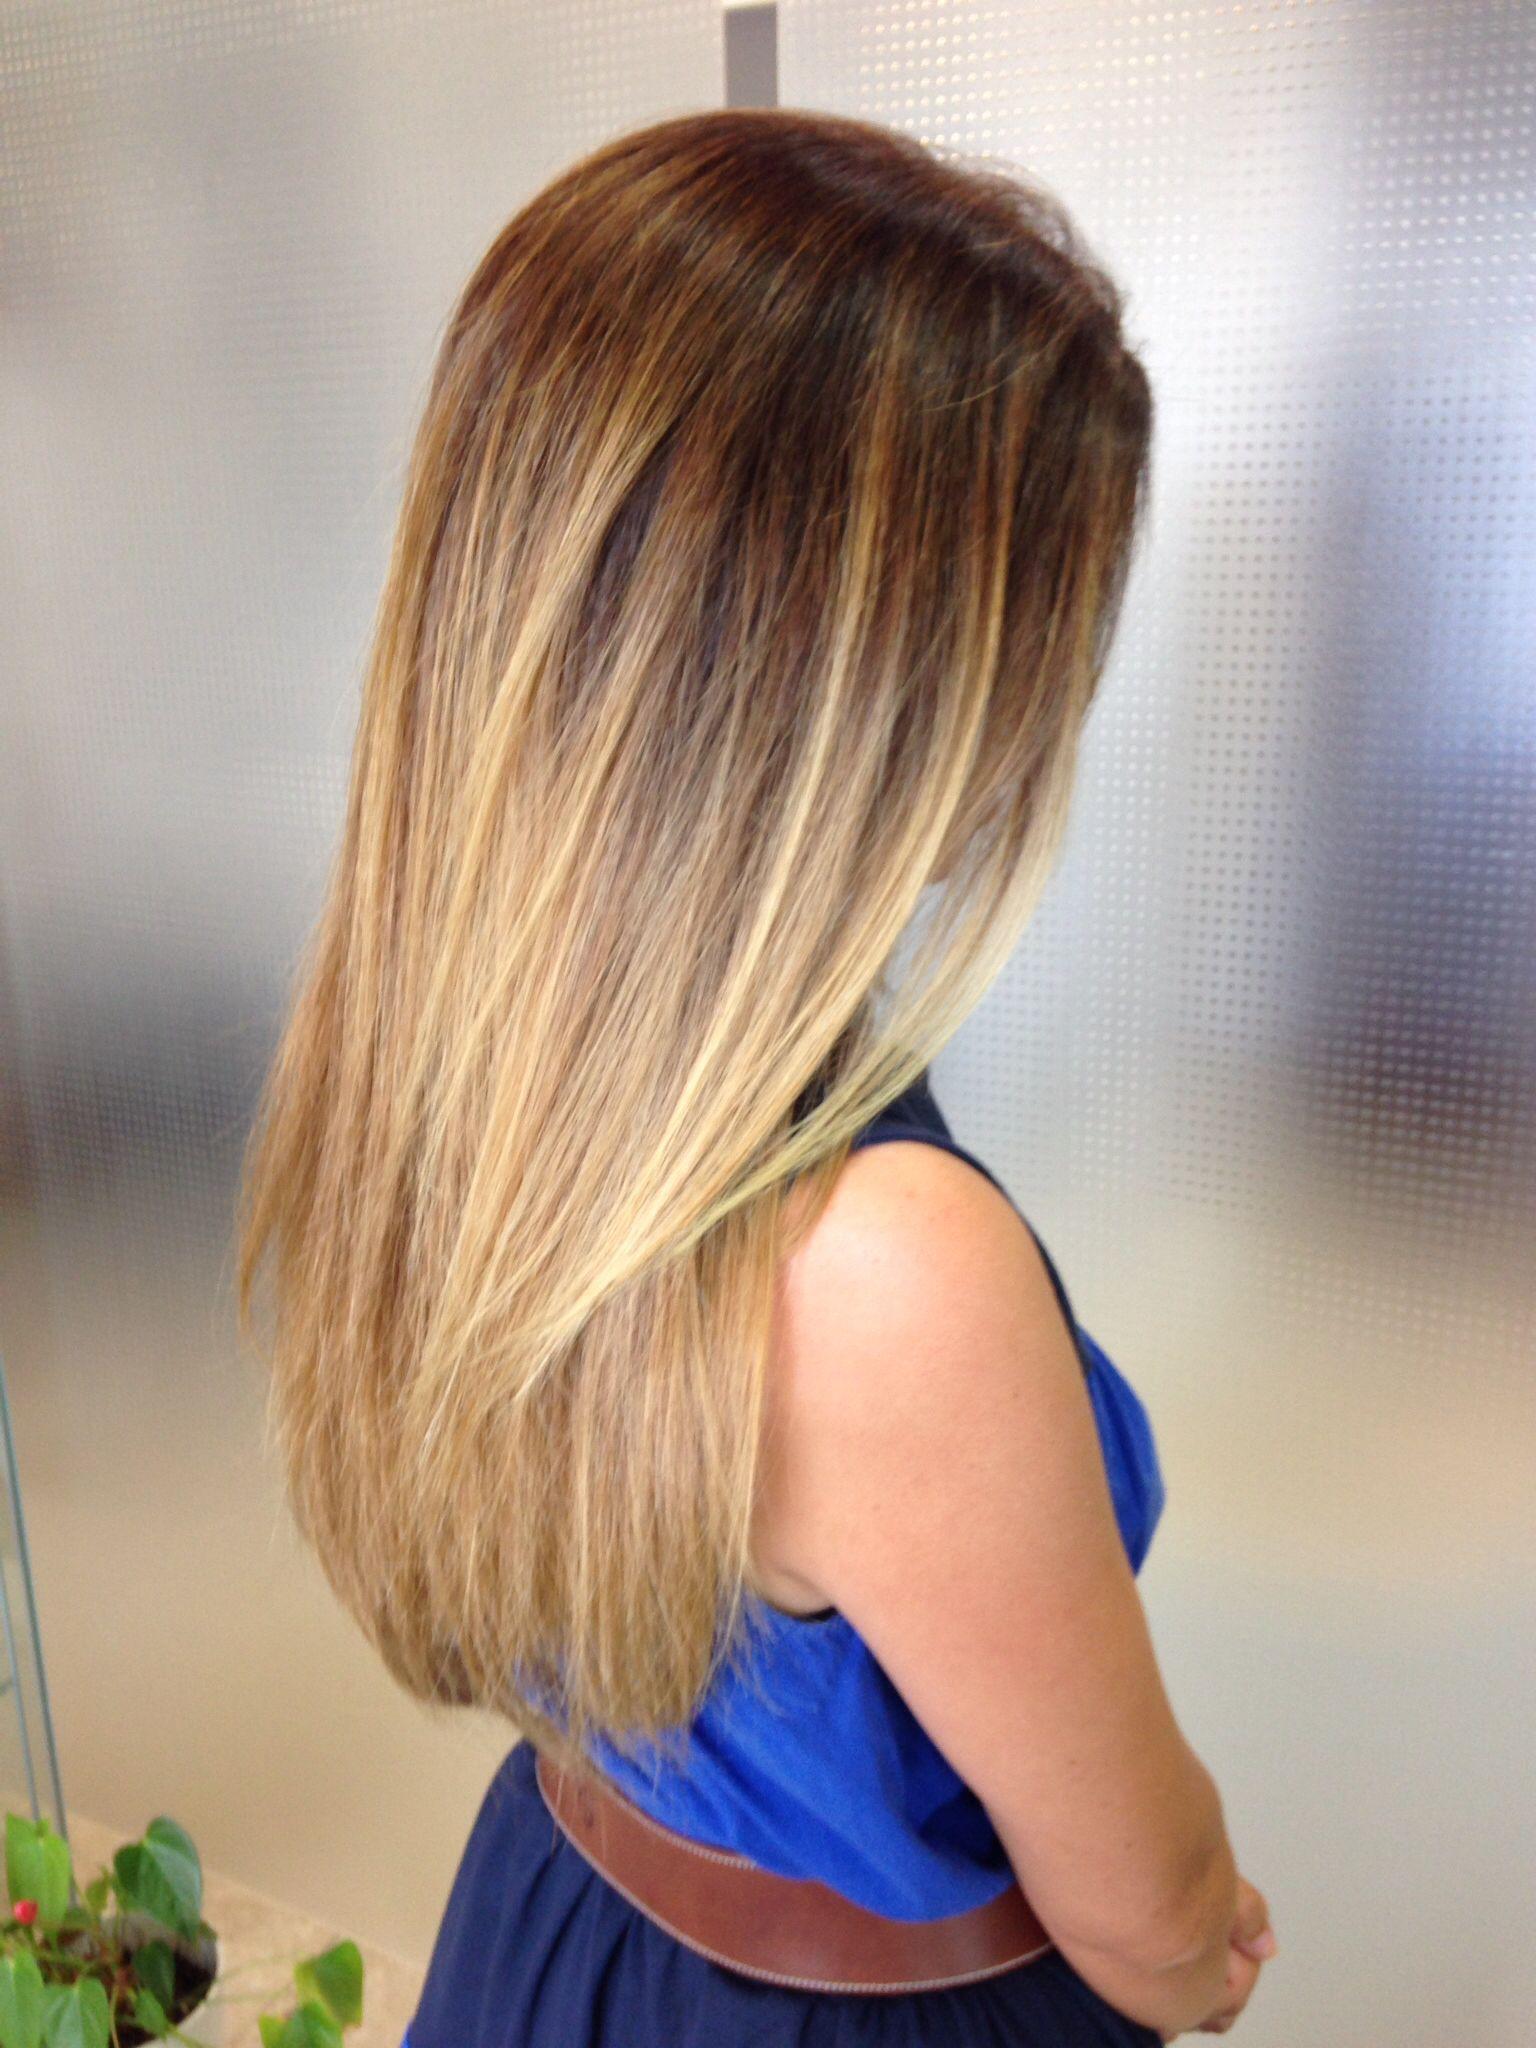 Taniademena Mechasnaturales Peinados Peinados De Novia Corrección De Color